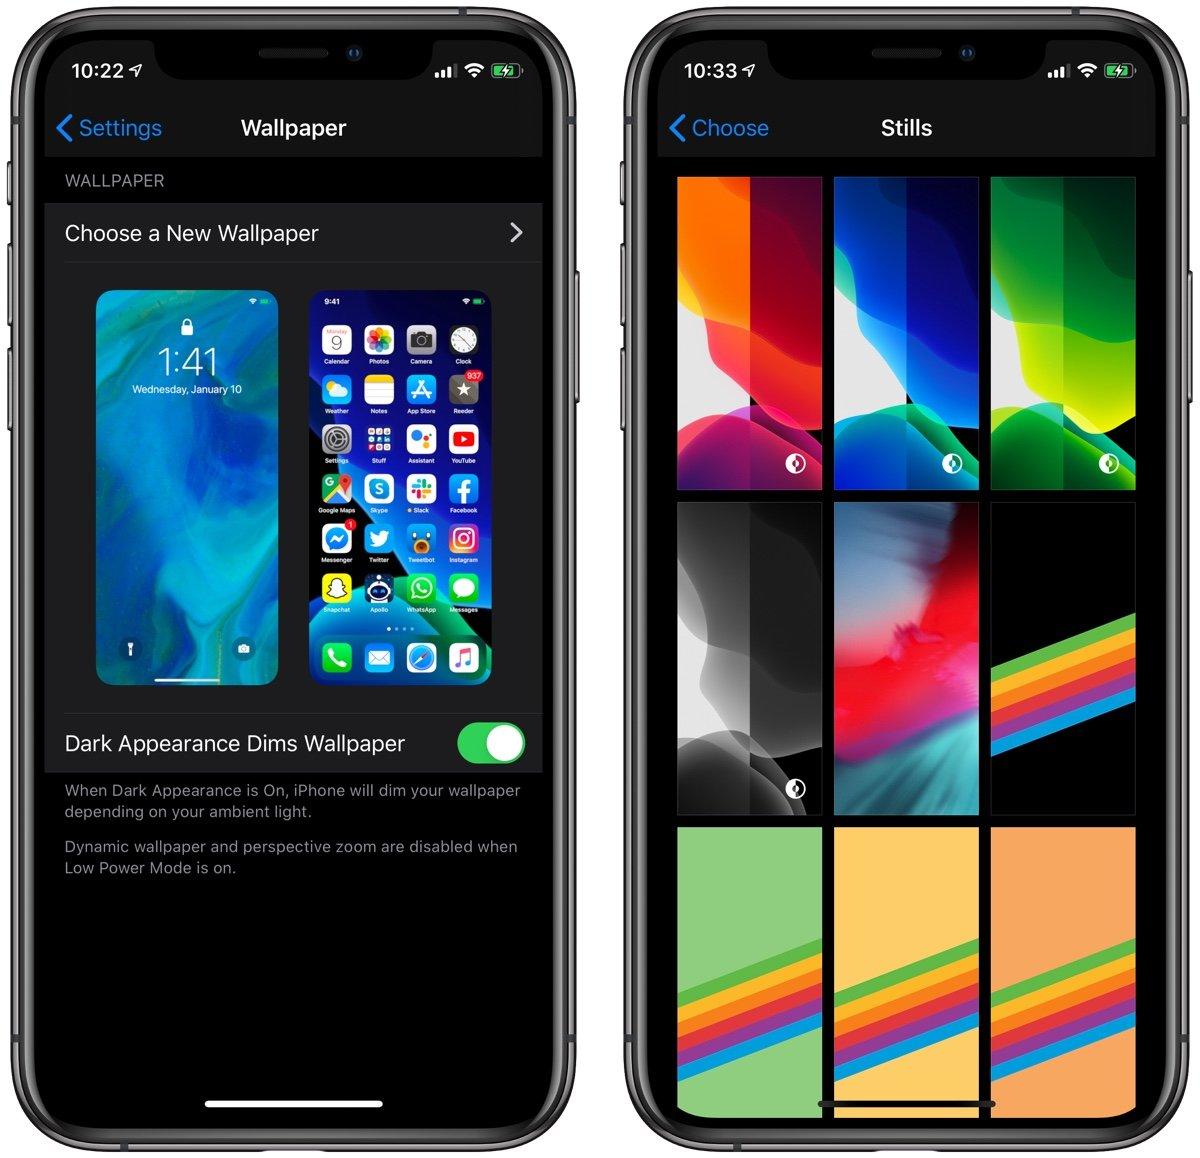 iOS-13-iPadOS-Dark-Mode-Wallpapers